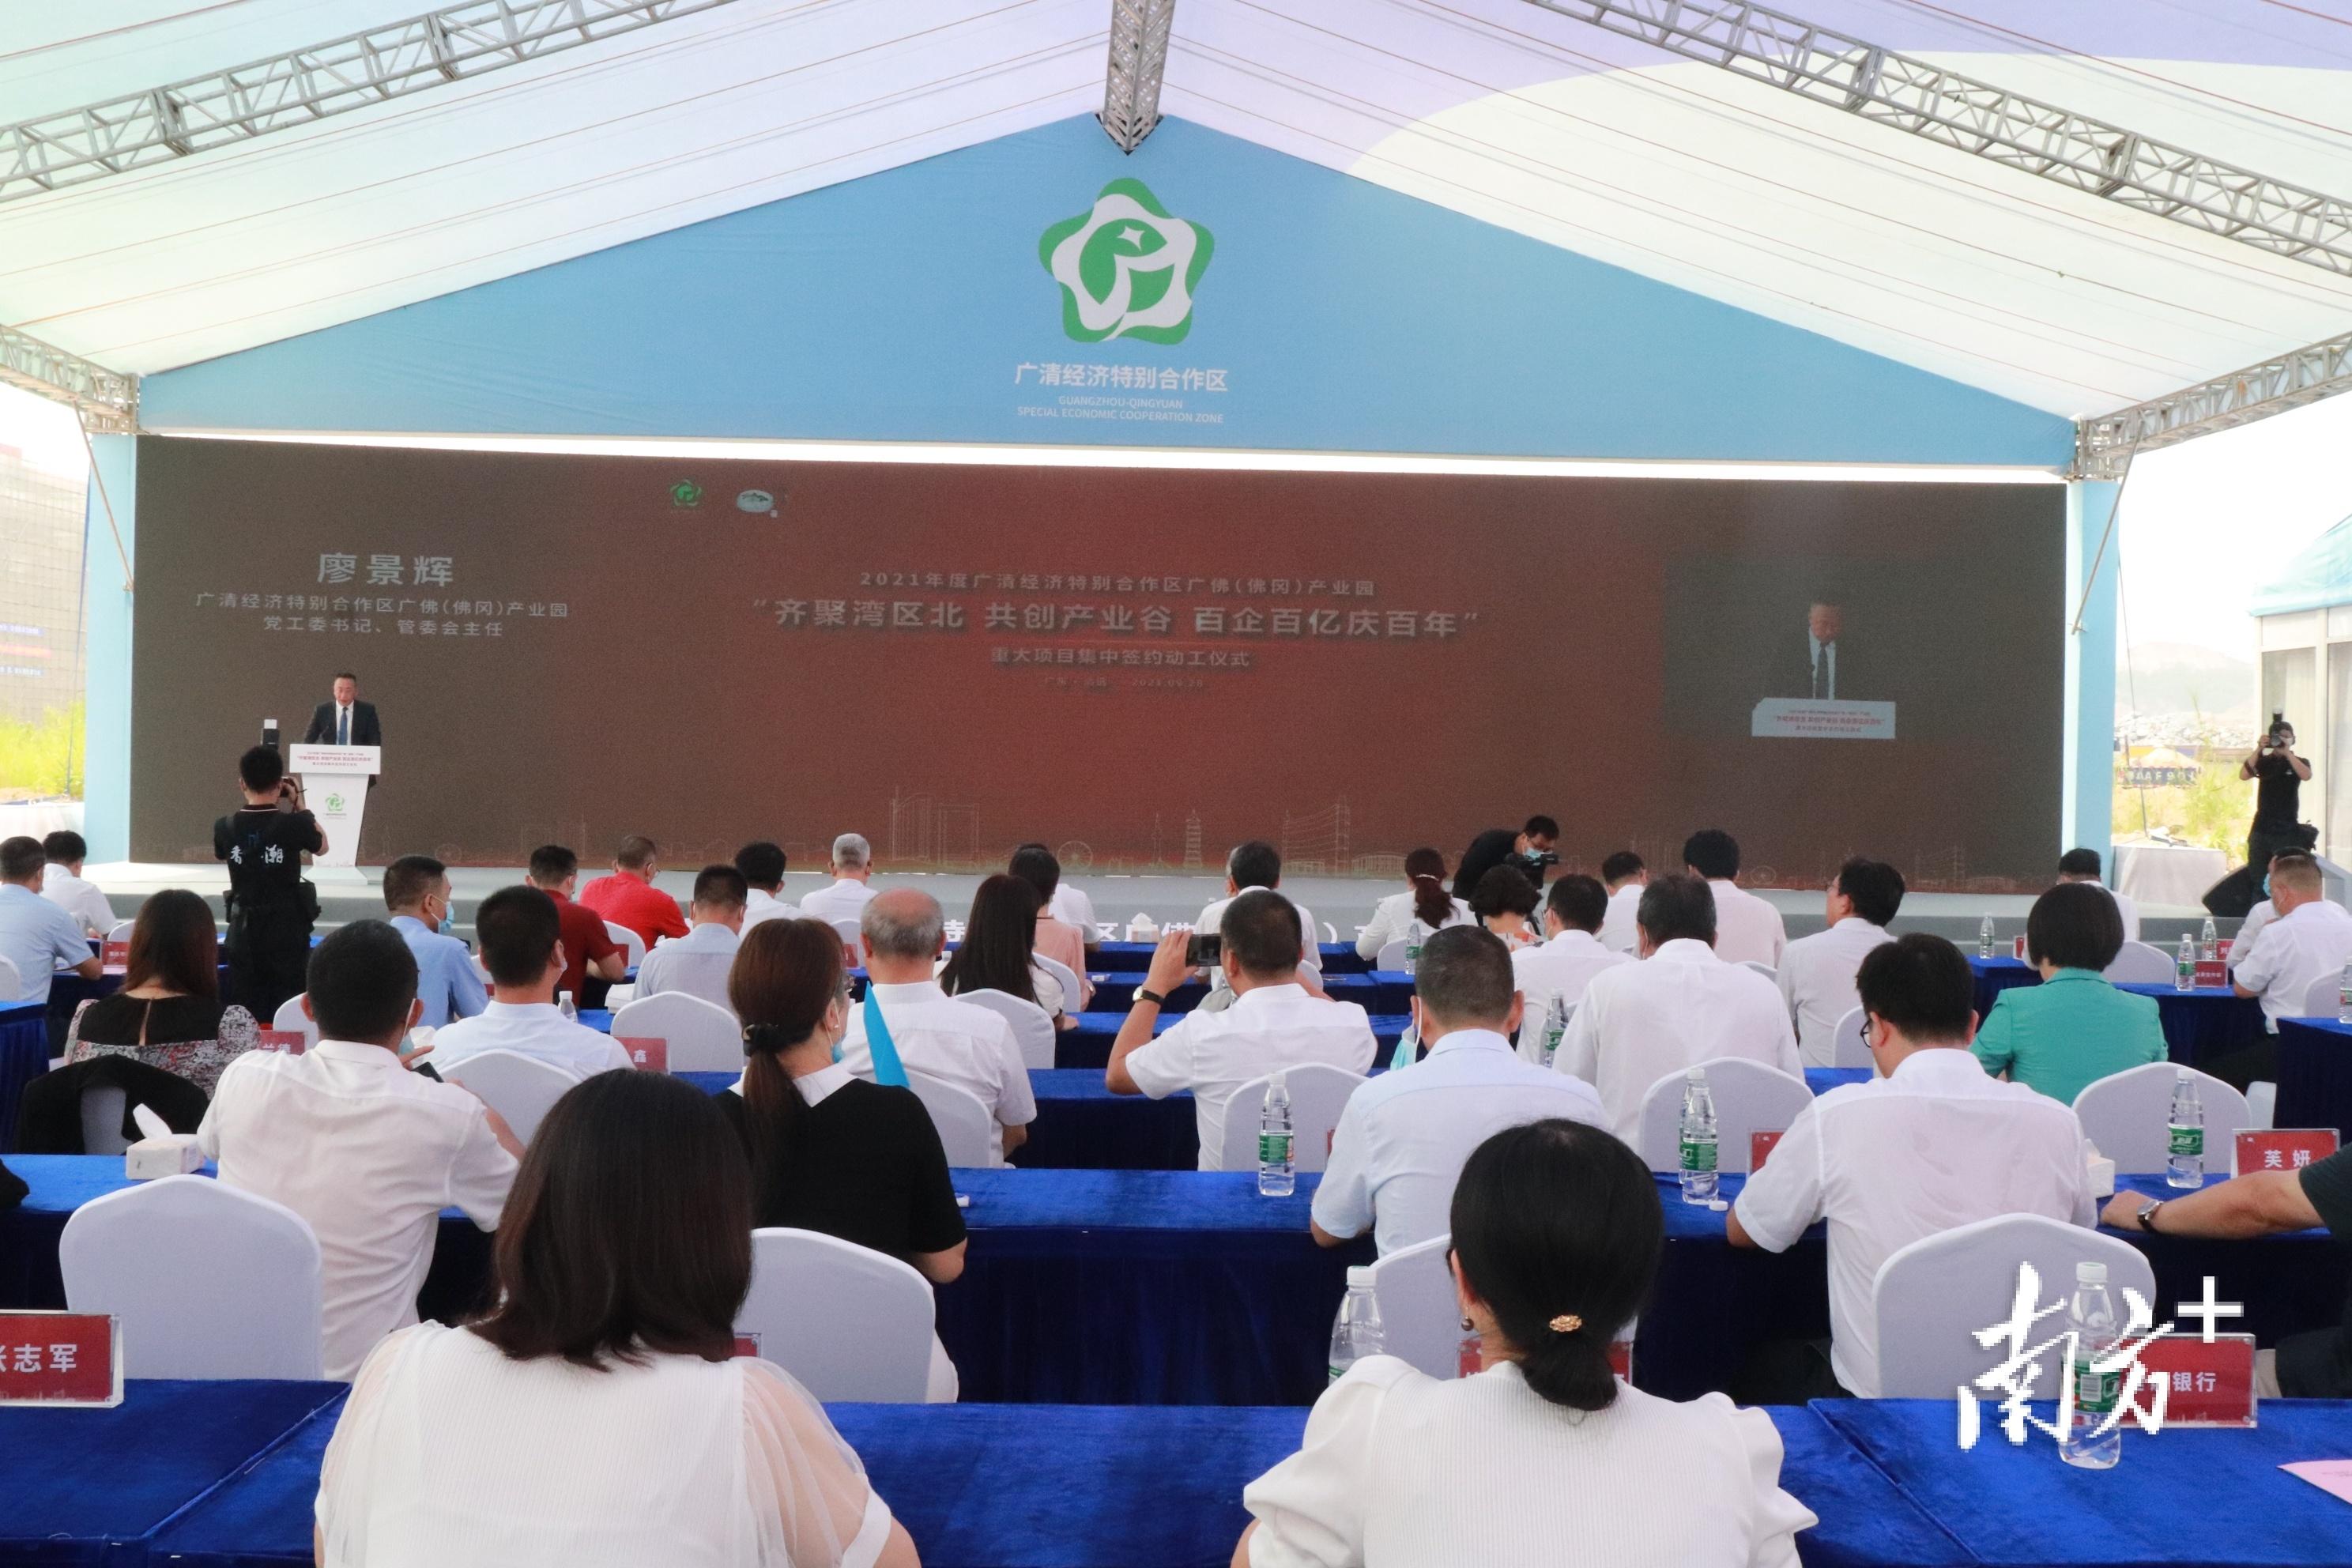 广佛园党工委书记、管委会主任廖景辉介绍广佛产业园发展情况。程浩 摄